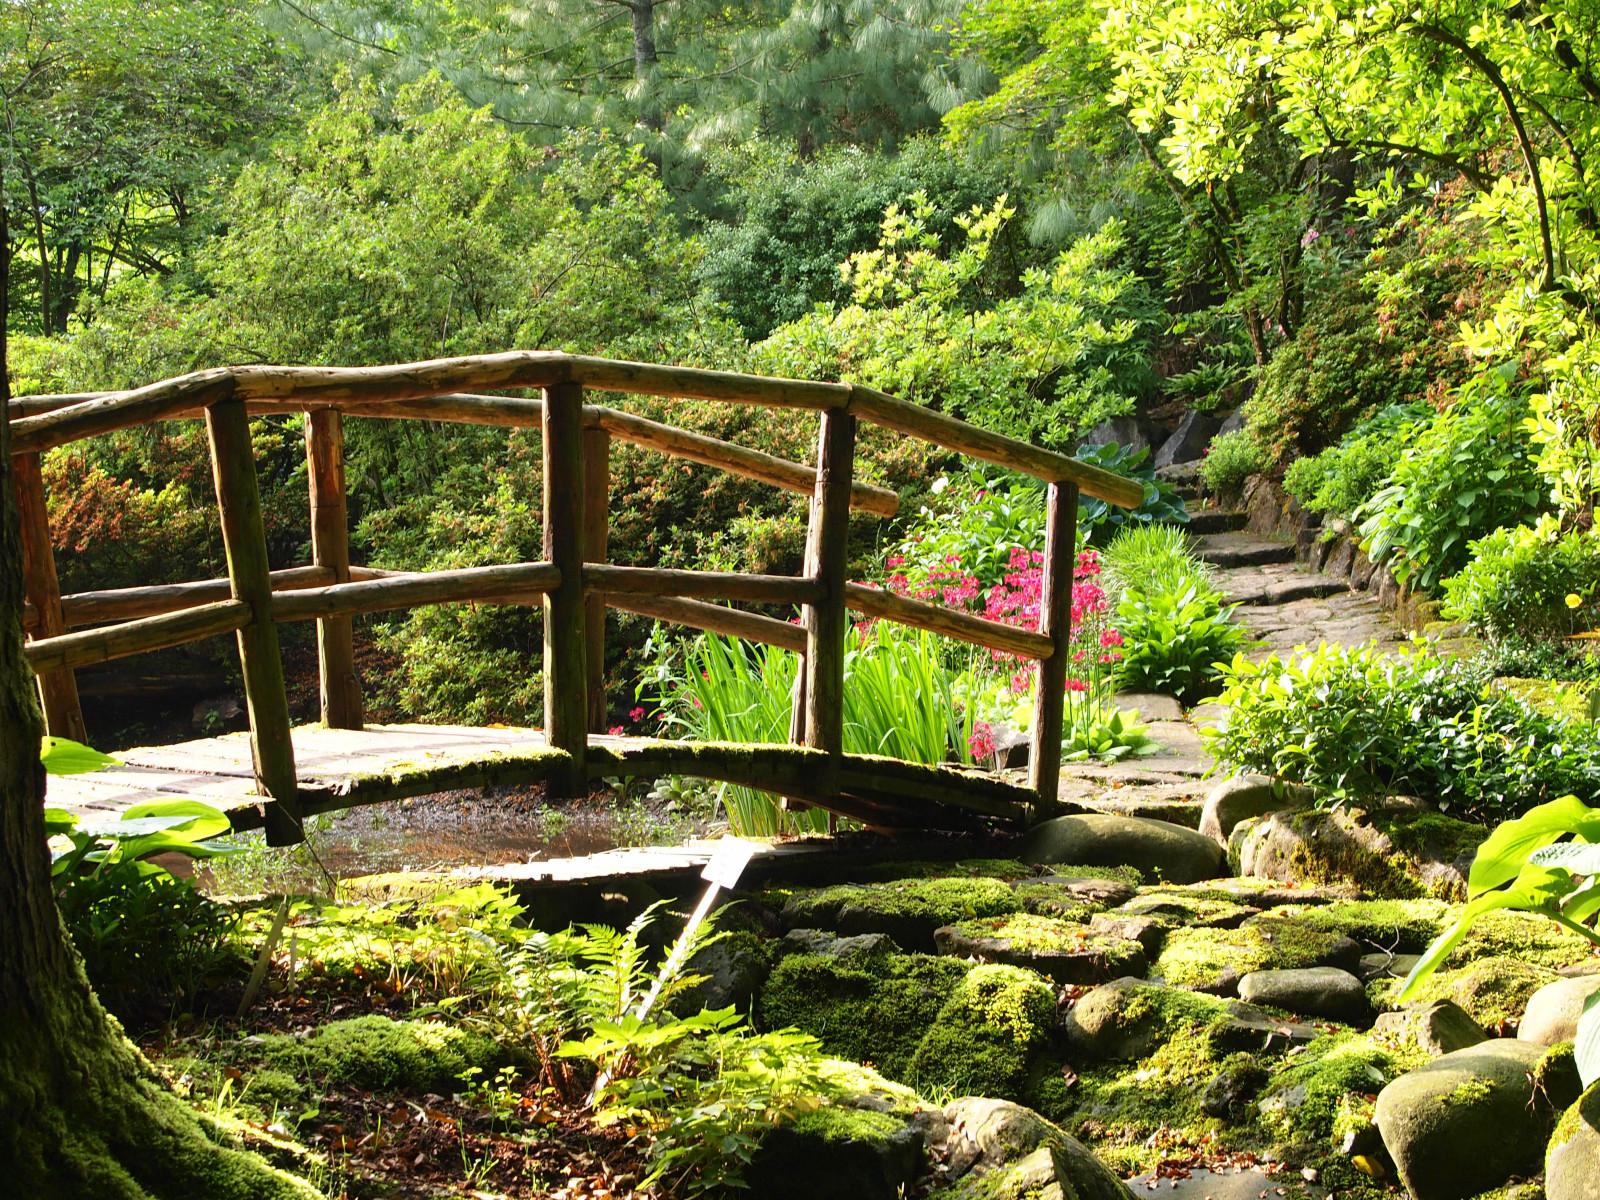 Romantische gartenreisen in deutschland victoria wegner for Gartengestaltung verwunschen